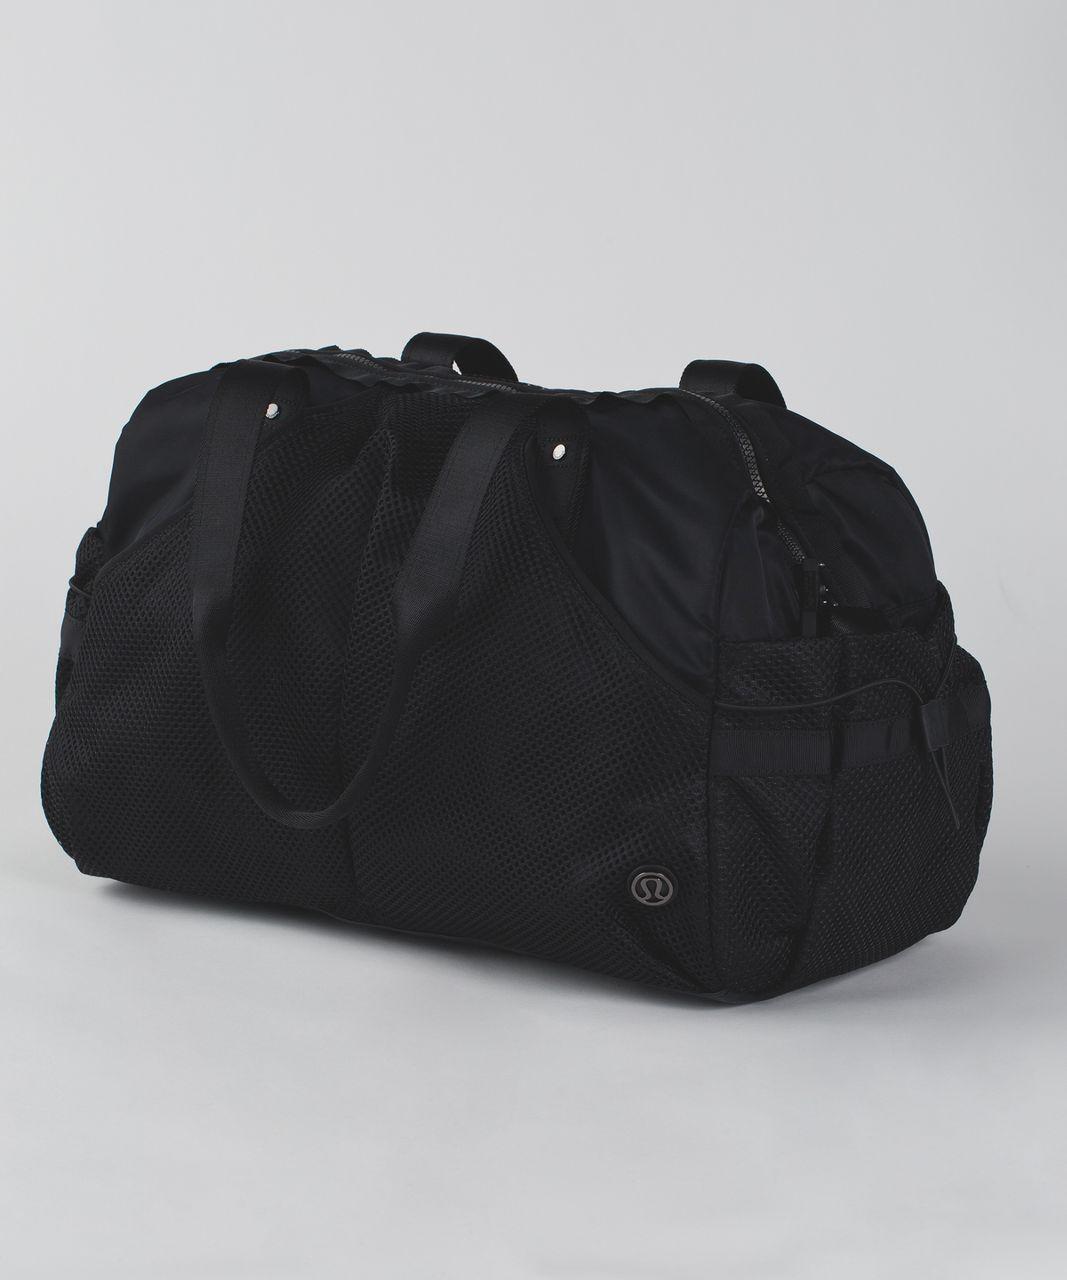 Lululemon Extra Mile Duffel (Mesh) - Black / Black